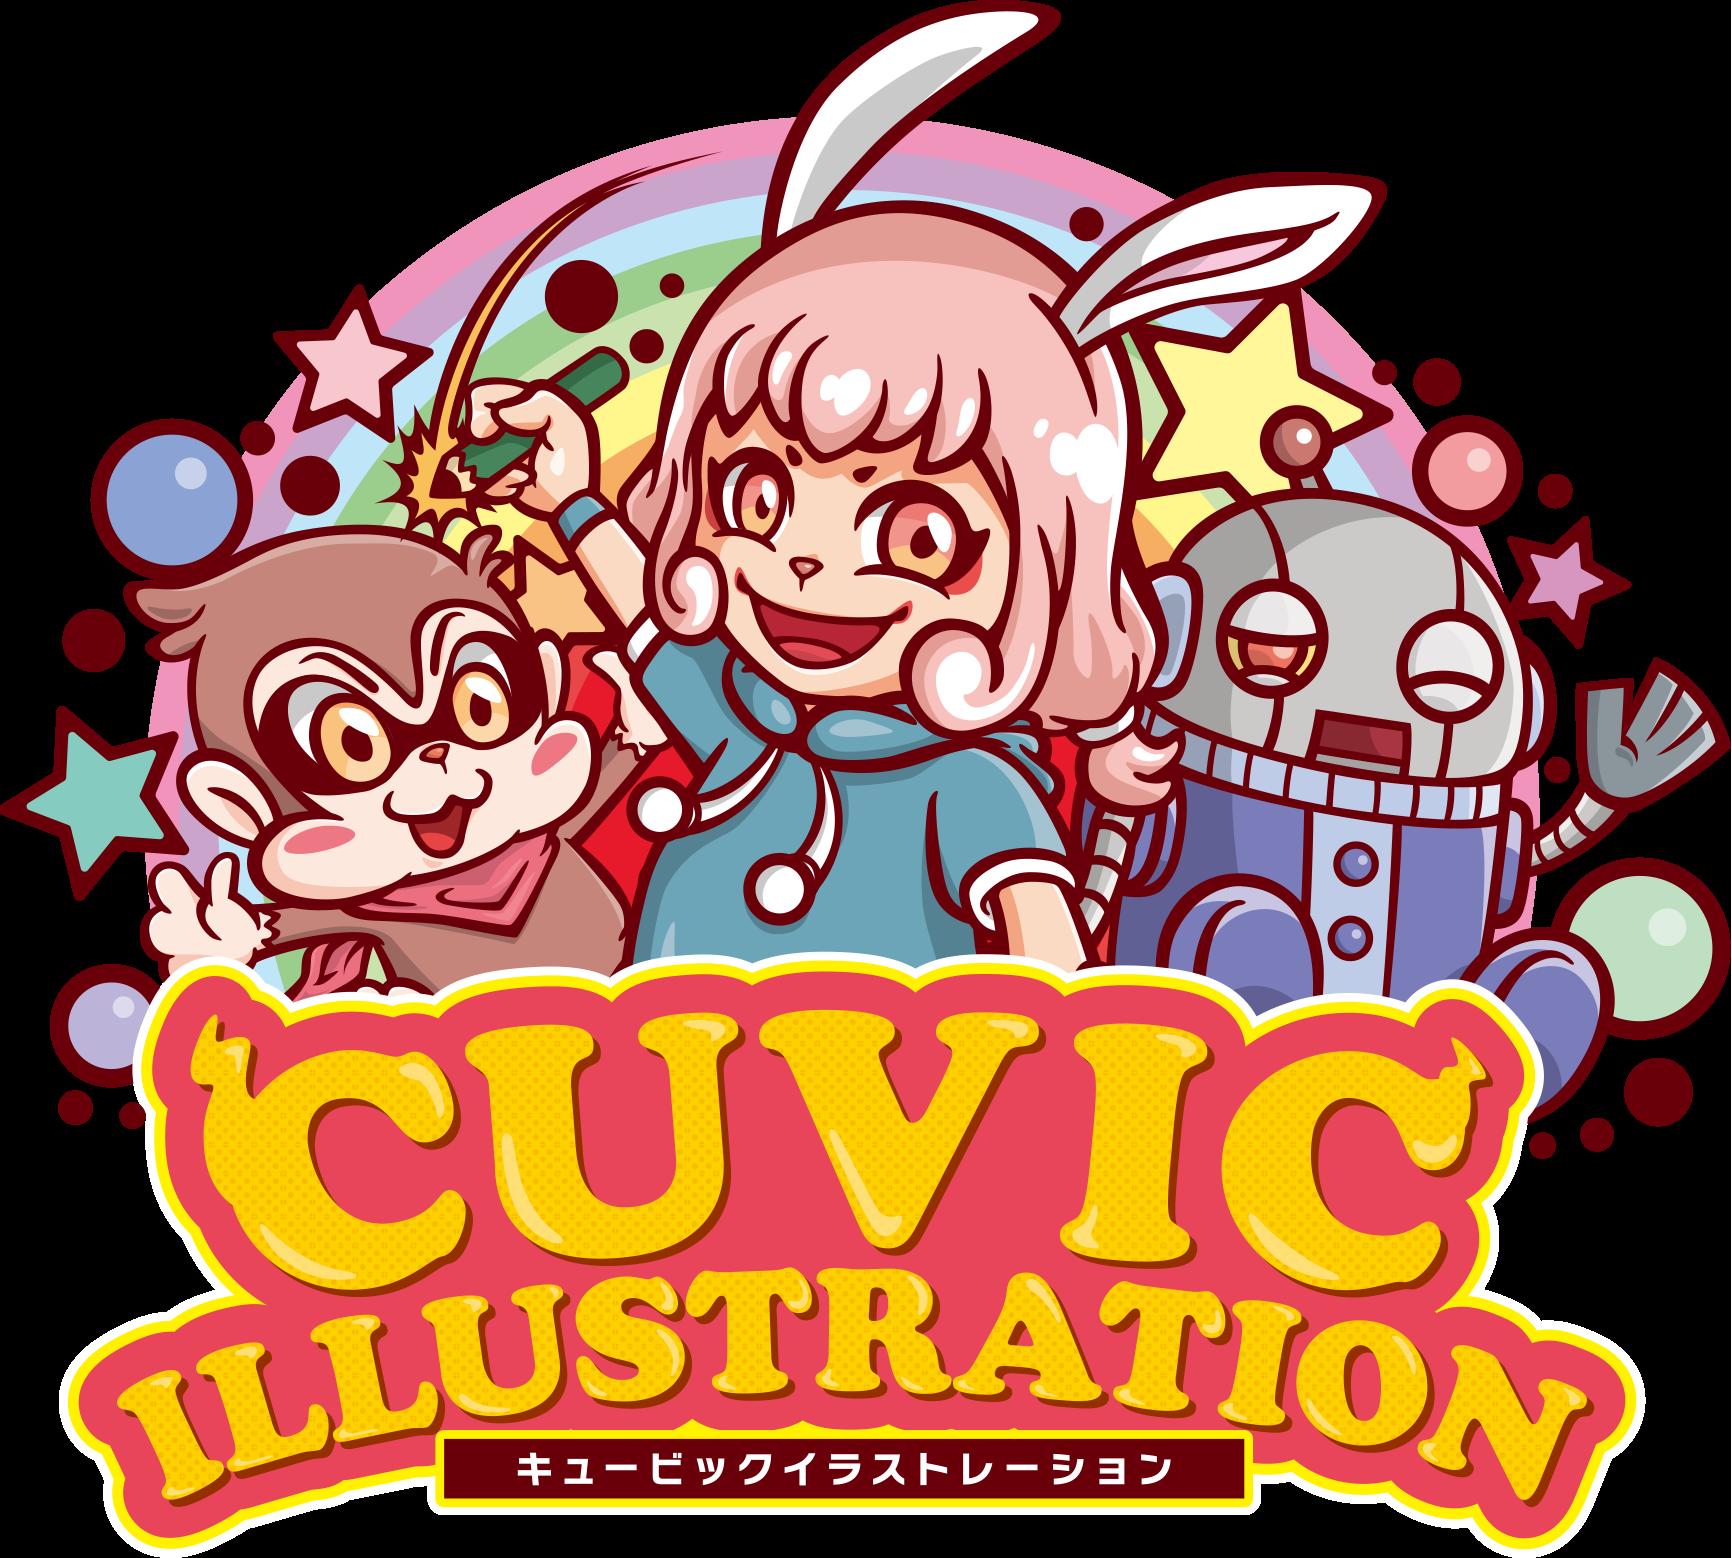 CUVIC ILLUSTRATION